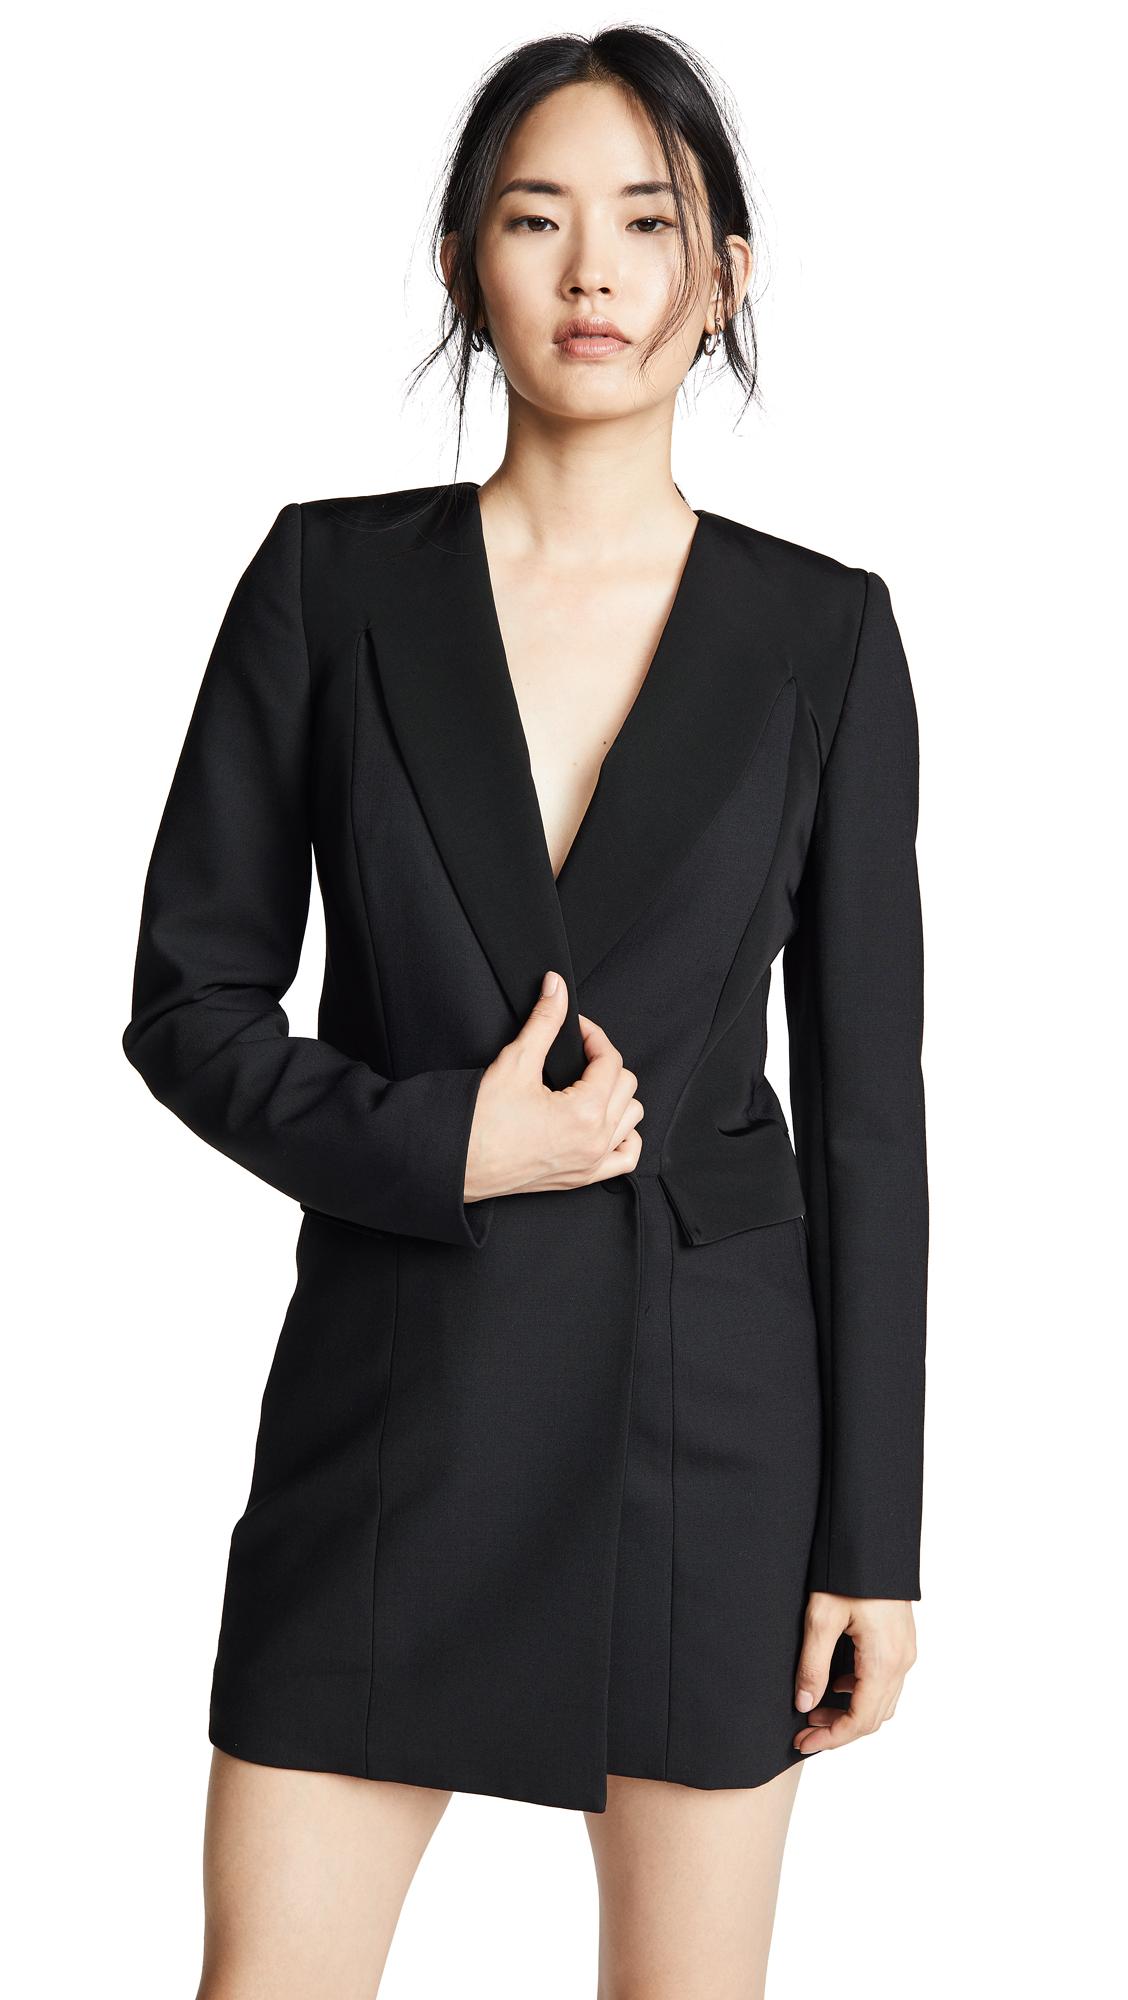 Tuxedo Coat Dress, Black